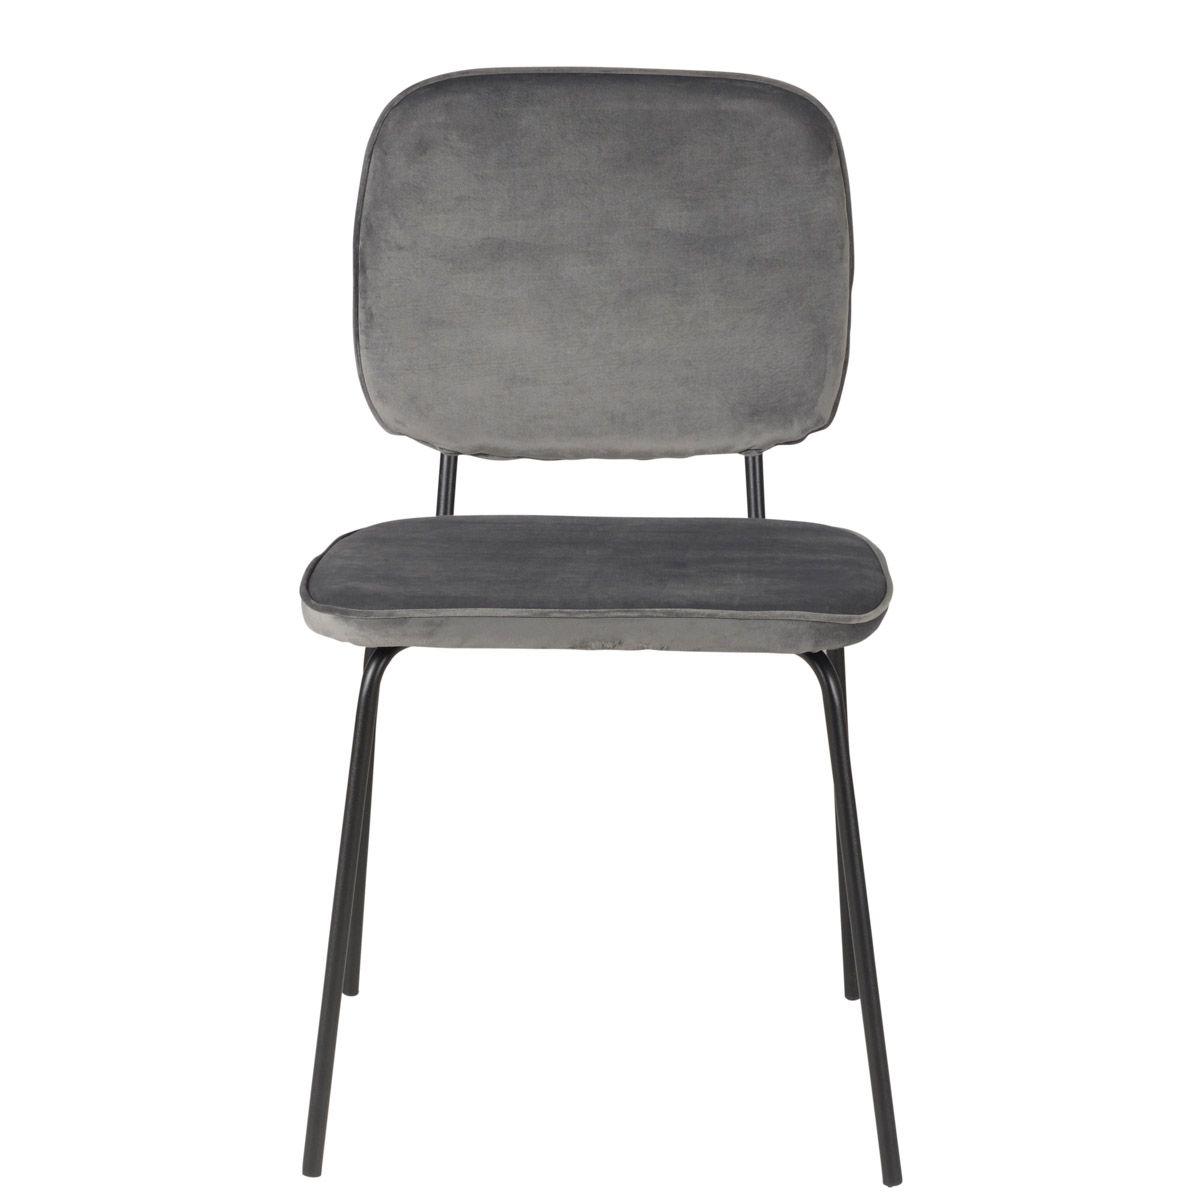 Chaise velours dossier bandeau et pieds métal  gris foncé